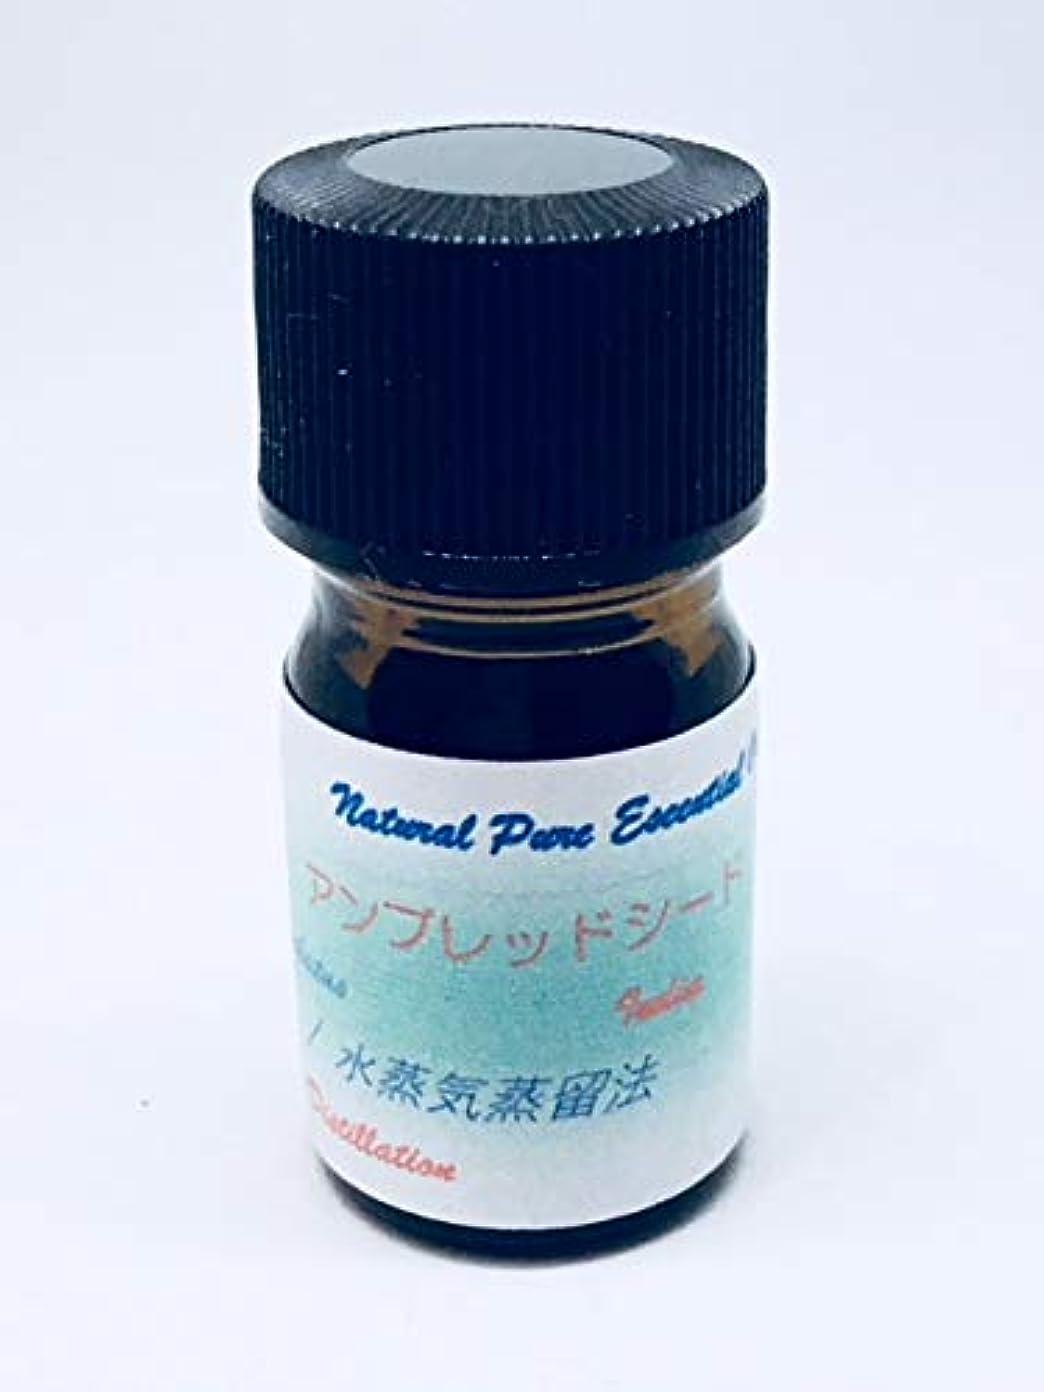 カスケード創造判定アンブレッドシード(植物性ムスク)精油 5ml100%ピュアエッセンシャル